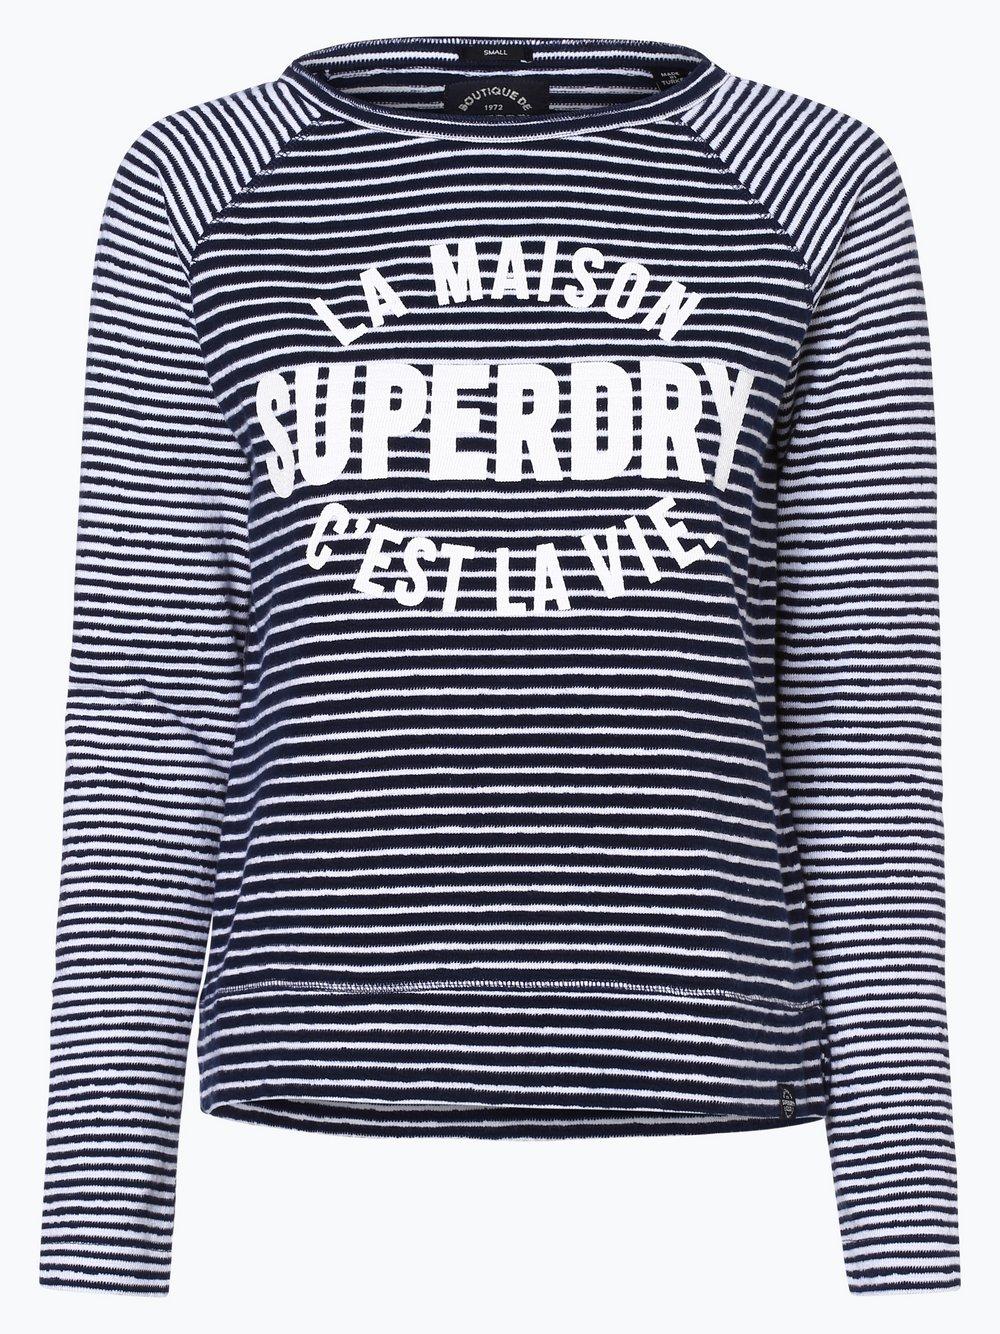 Superdry Sweater & Shirts online kaufen | 18